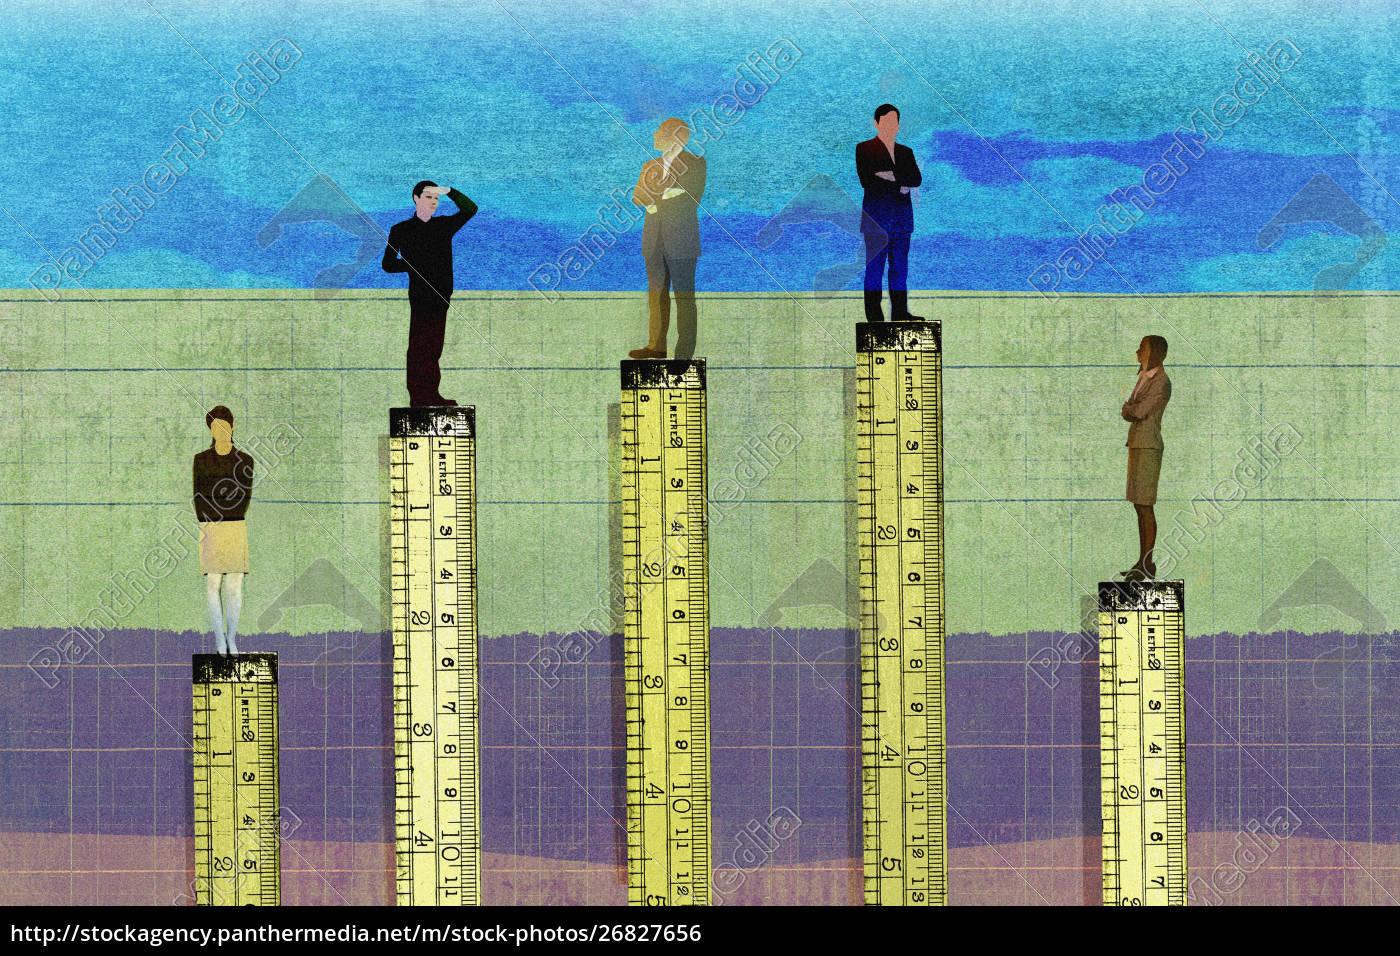 homens, de, negócios, mais, elevados, do - 26827656